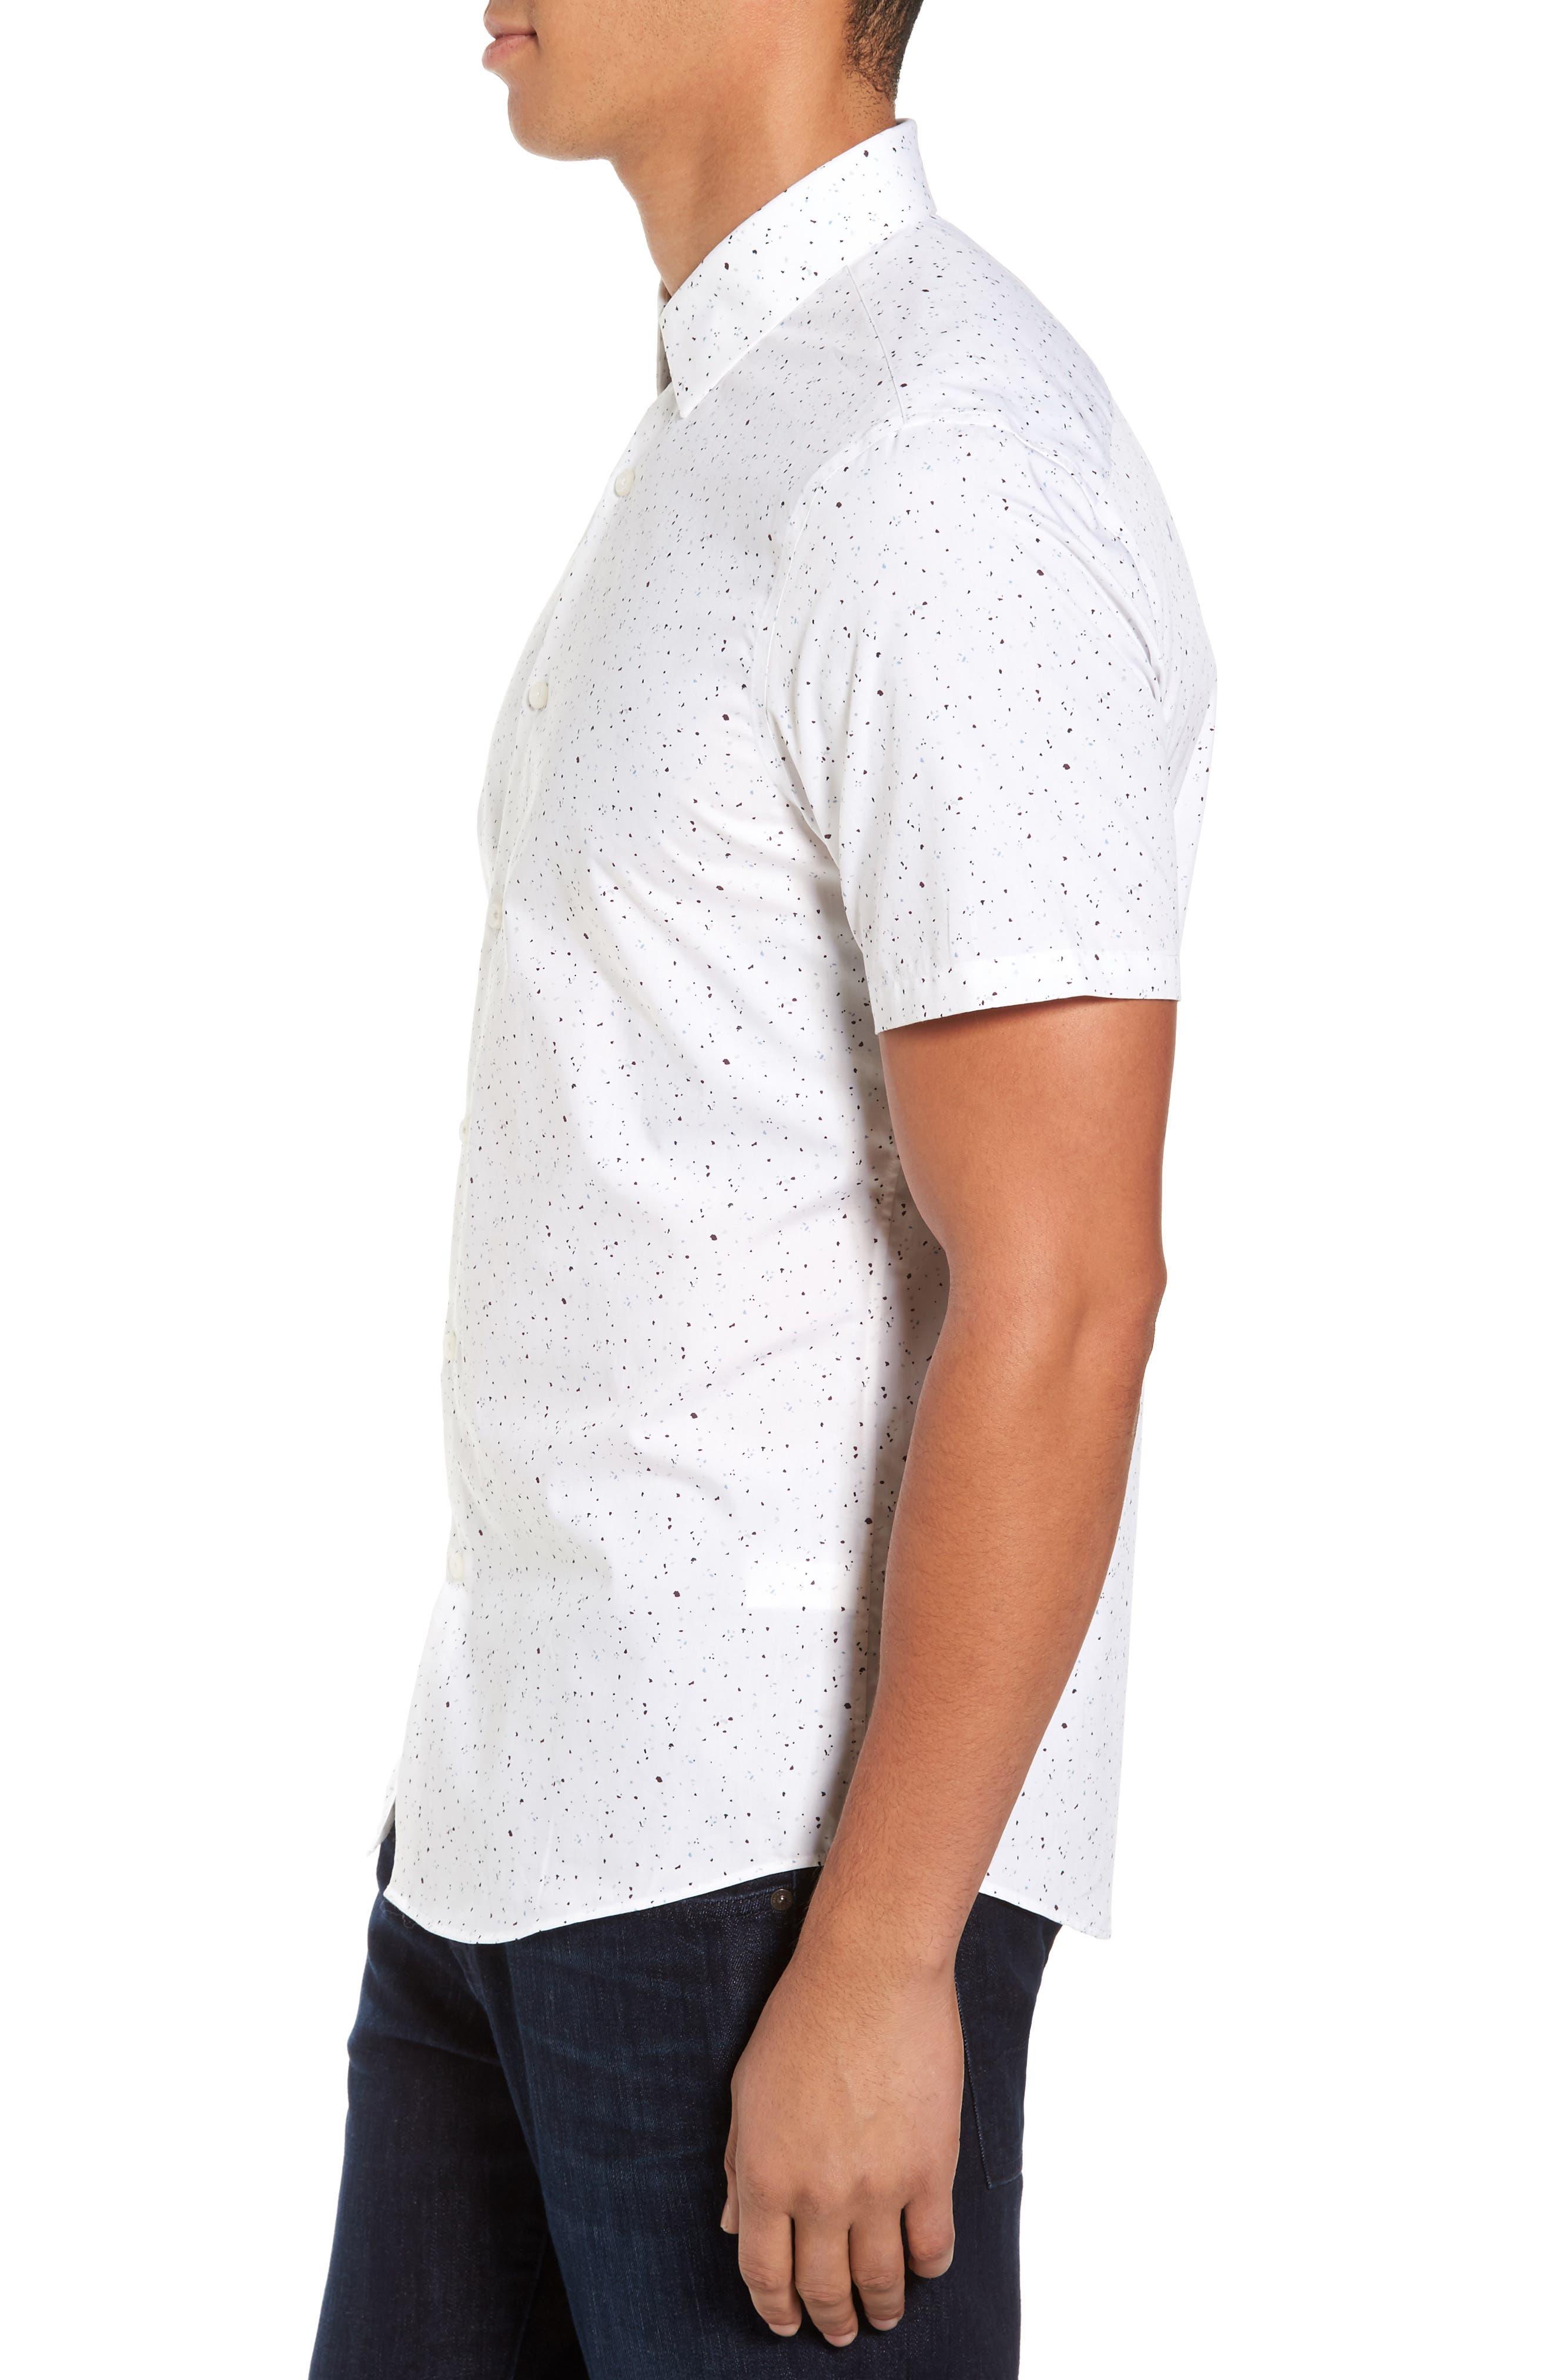 Speckle Print Sport Shirt,                             Alternate thumbnail 3, color,                             100